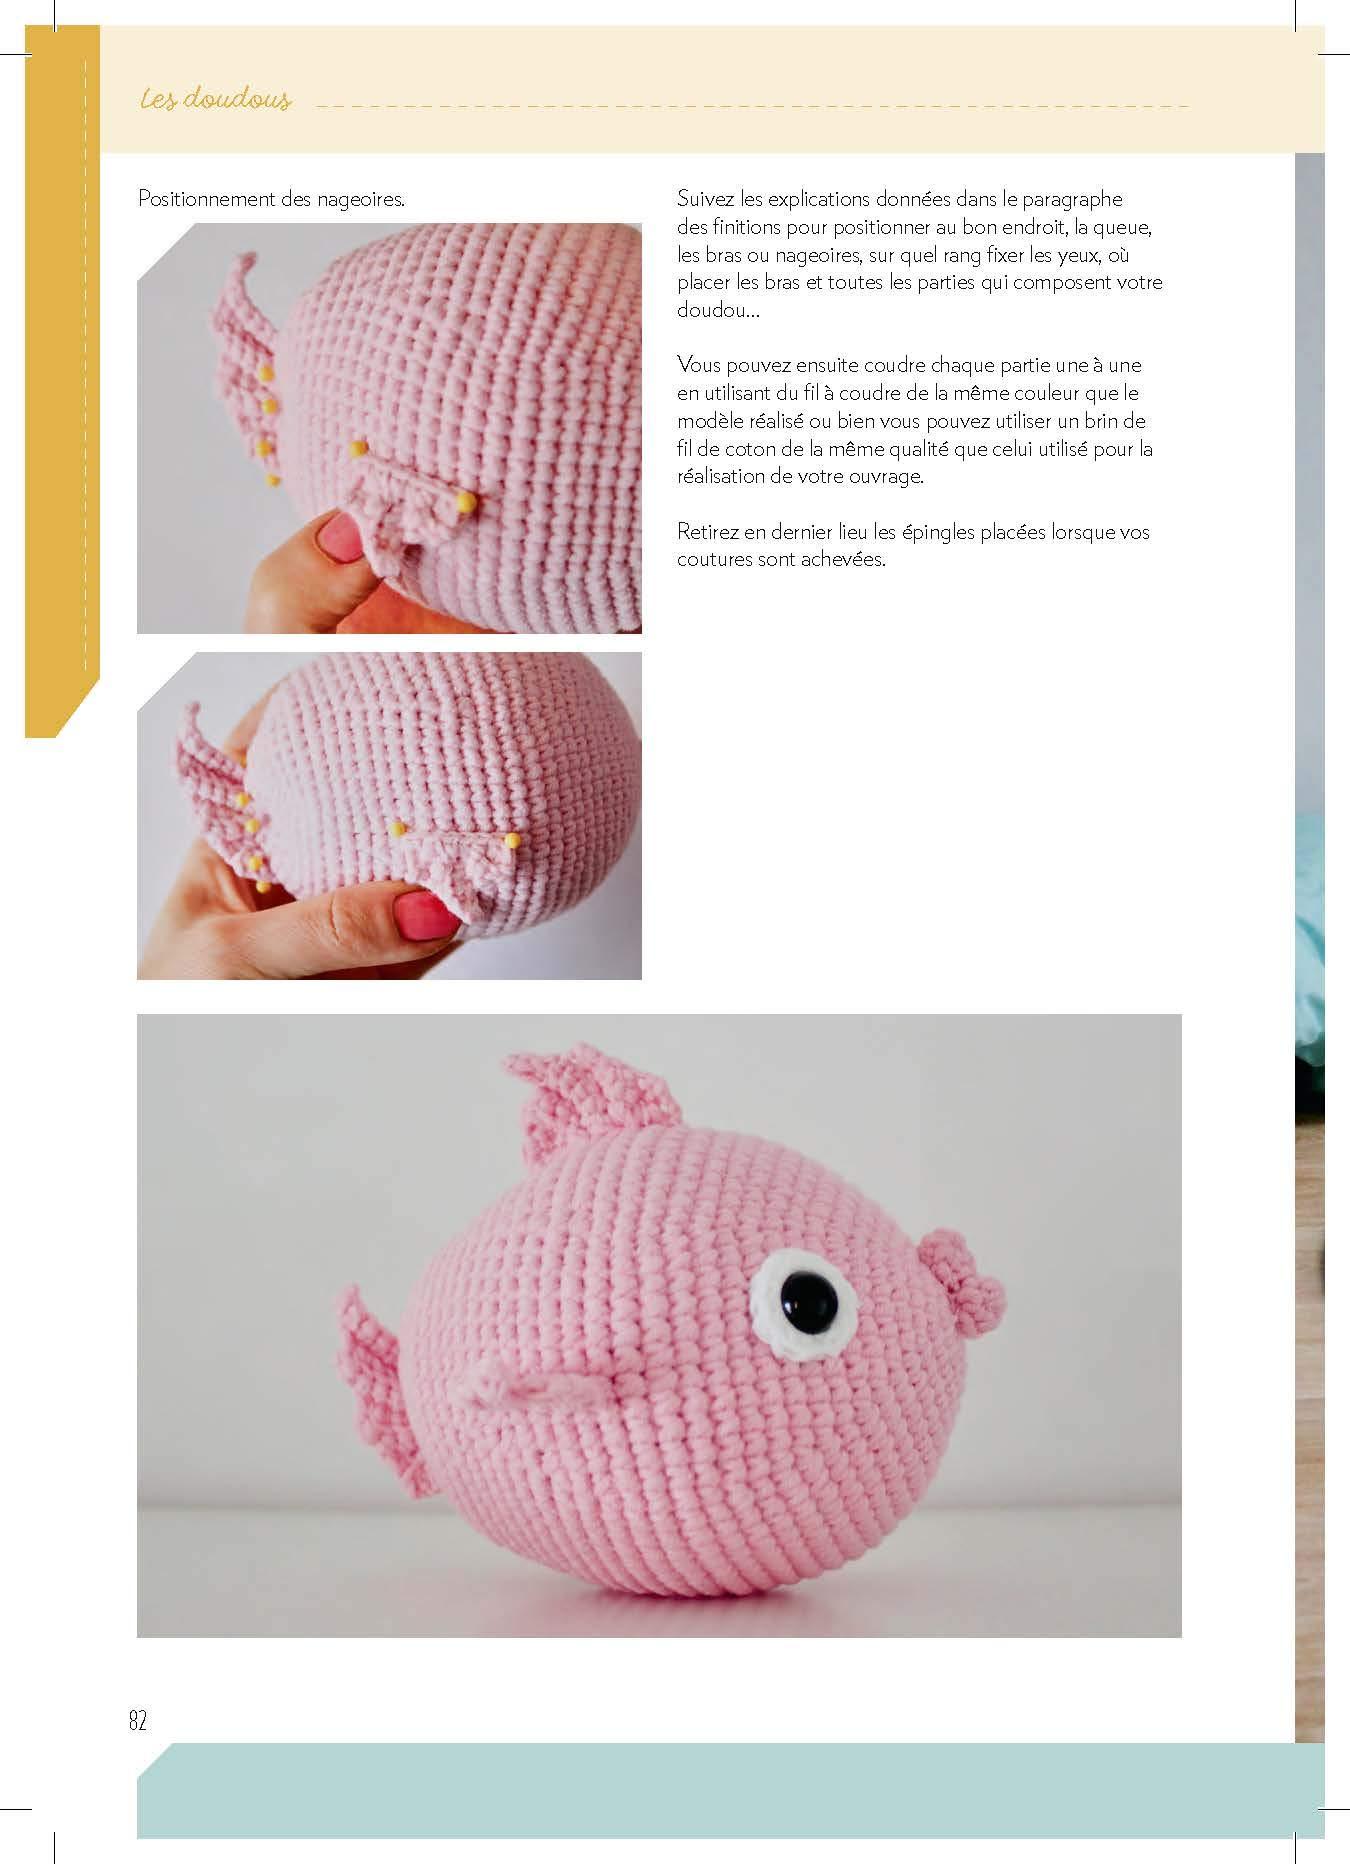 Petite Maille | Le crochet c'est pas ringard !: Panier au crochet | 1864x1350